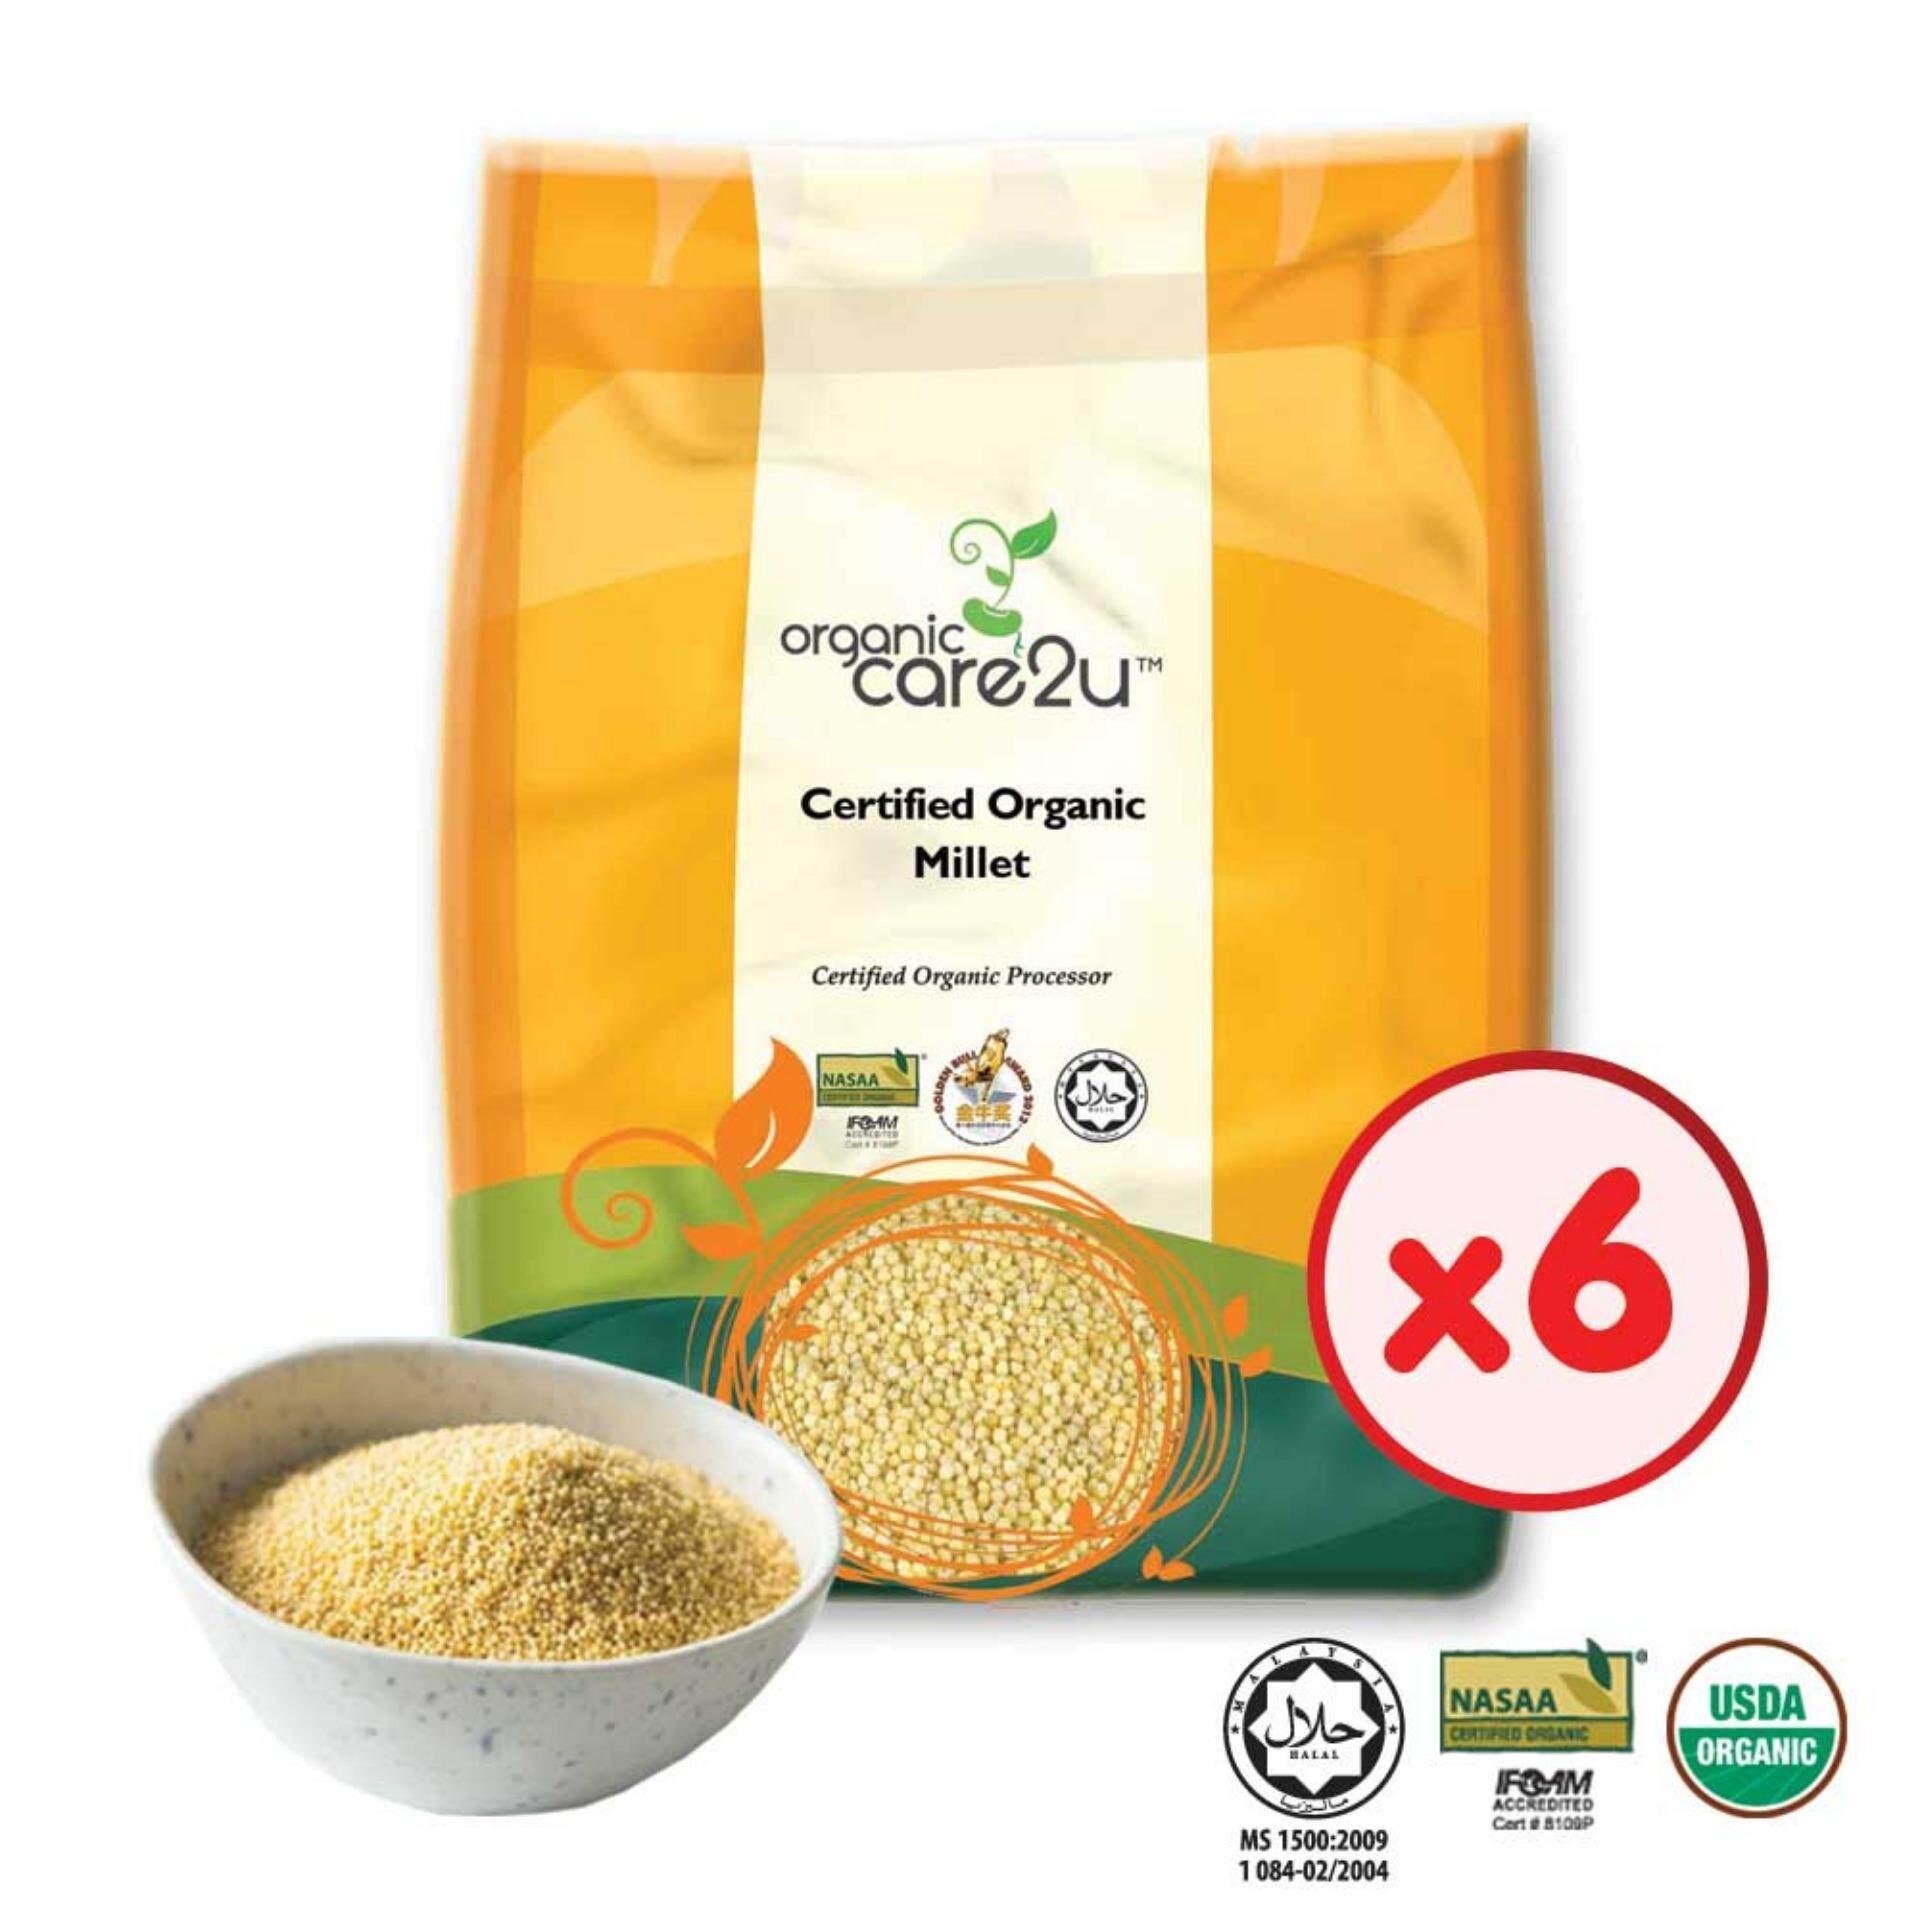 Organic Care2u Organic Millet  (400g) - [Bundle of 6]